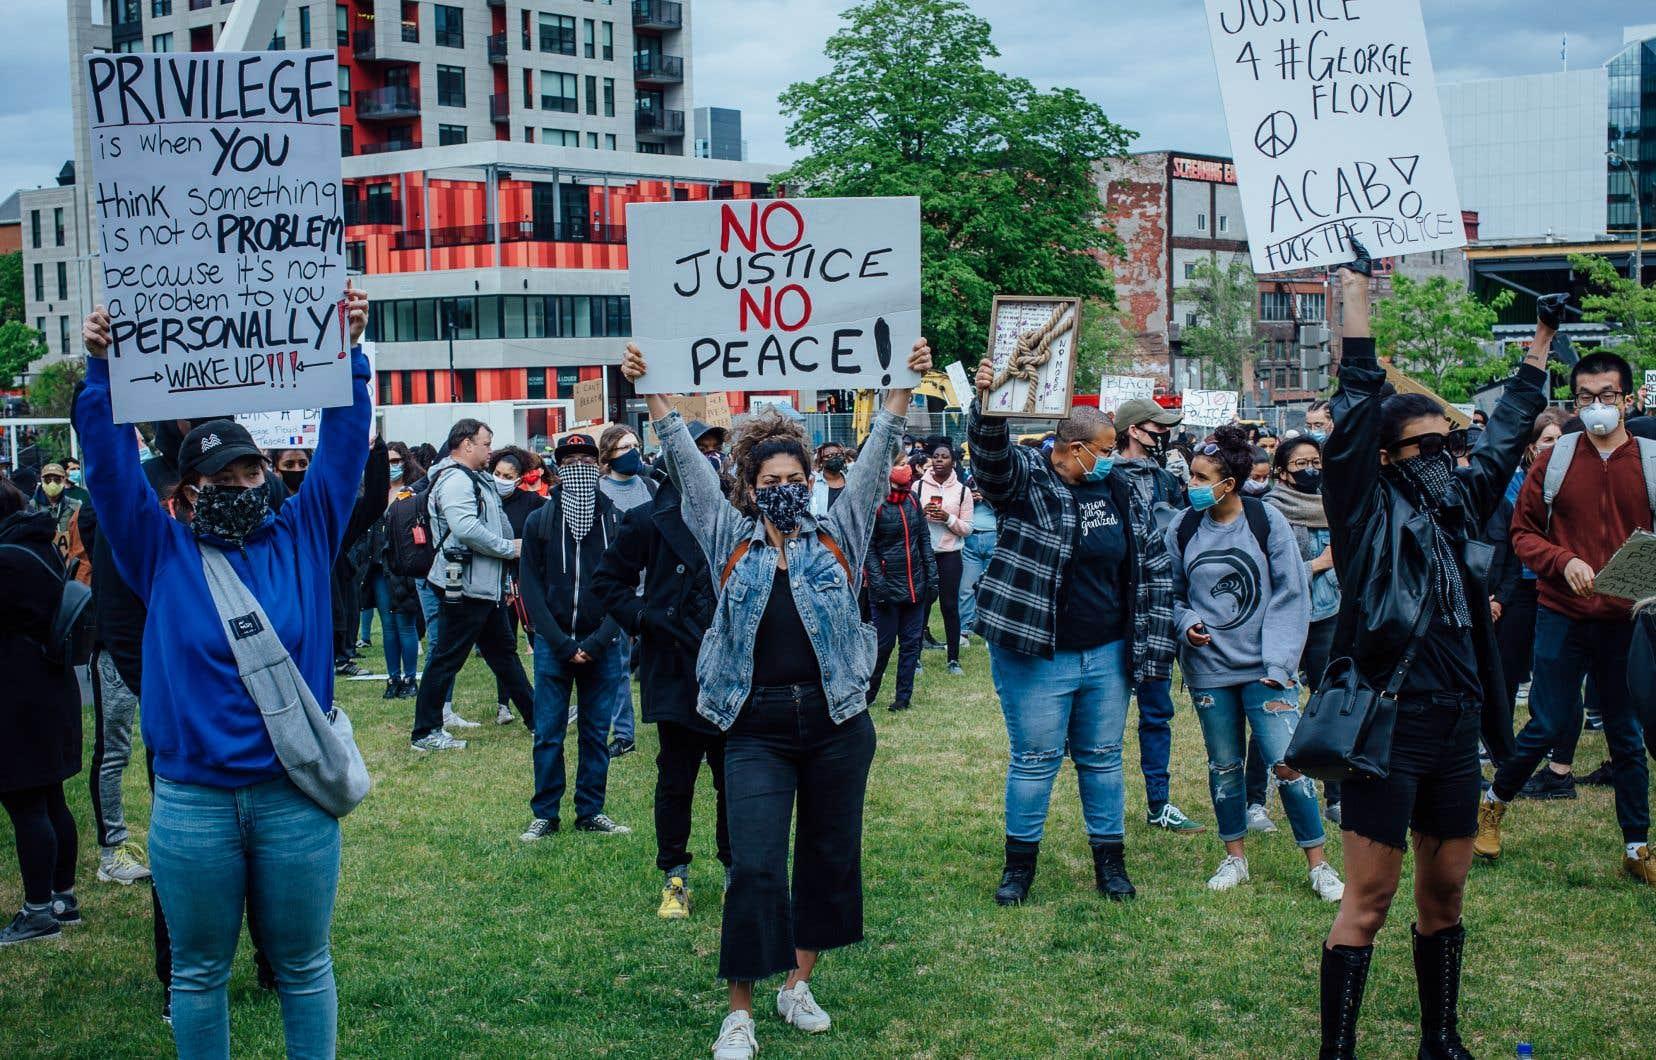 Les Montréalais, comme les citoyens de nombreuses autres villes dans le monde, ont manifesté contre le racisme.